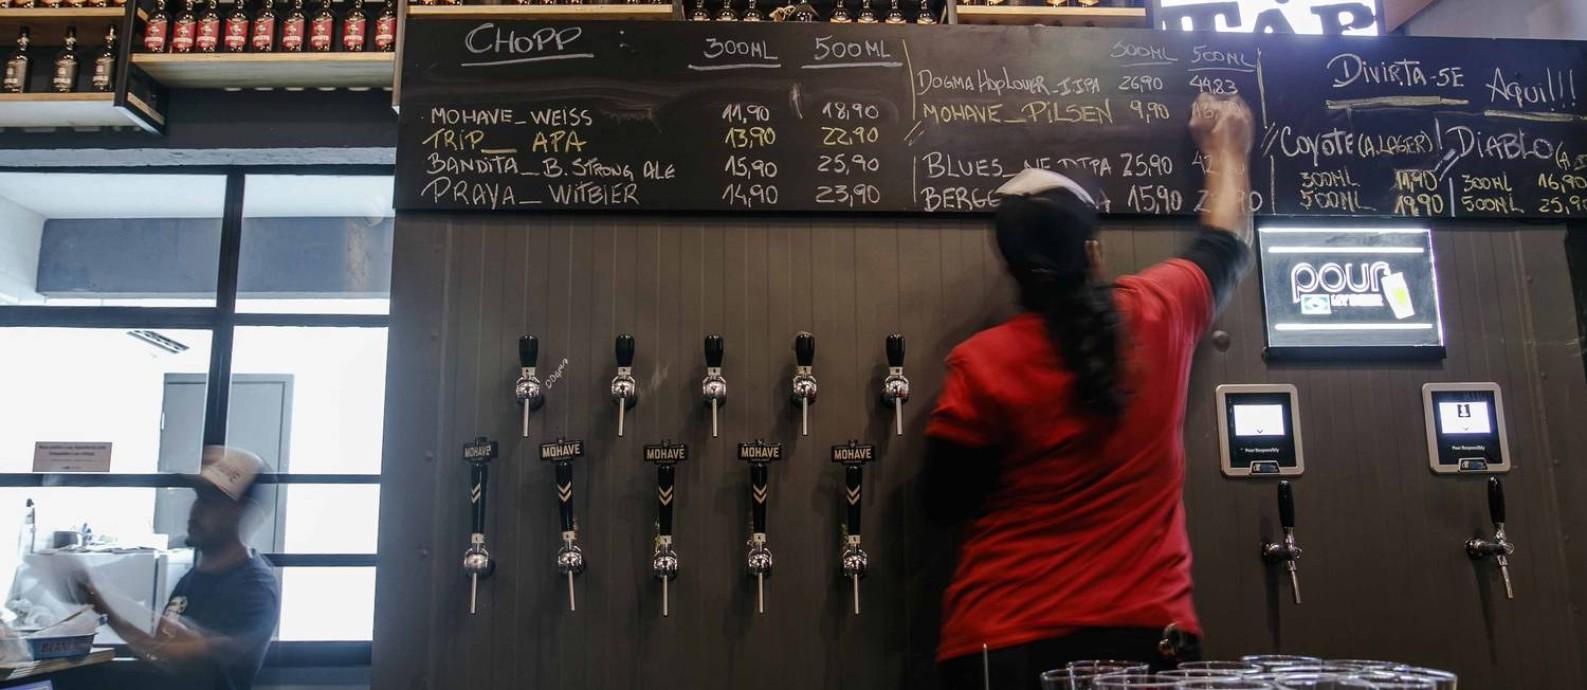 Torneiras da cervejaria Mohave